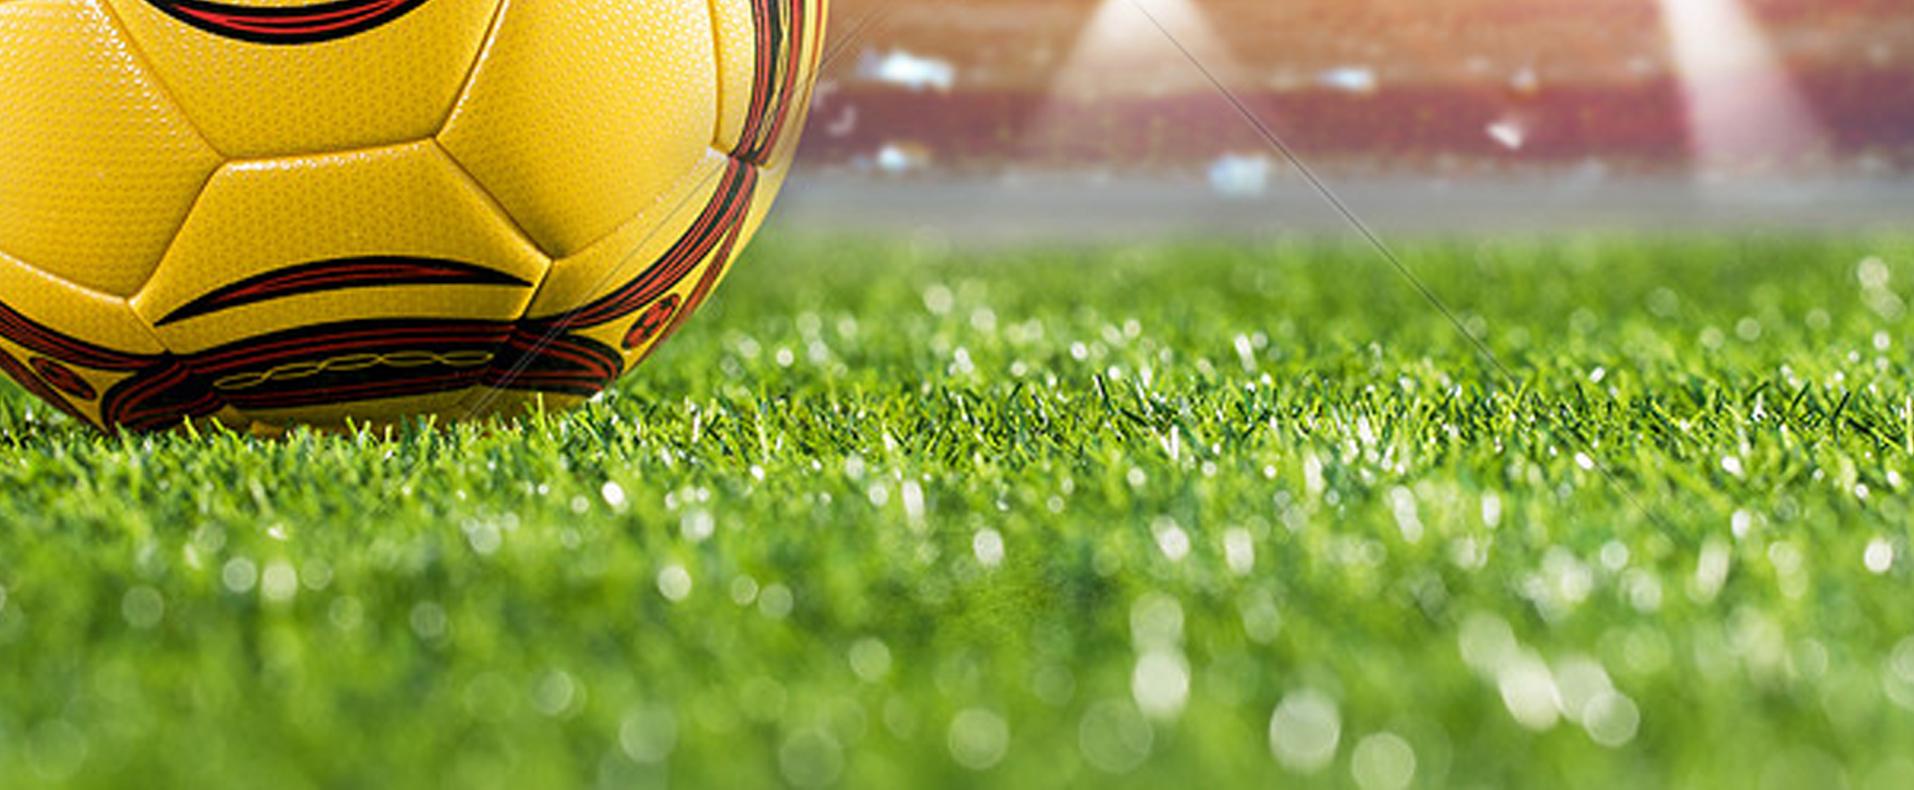 เว็บไซต์พนันกีฬาบอลออนไลน์